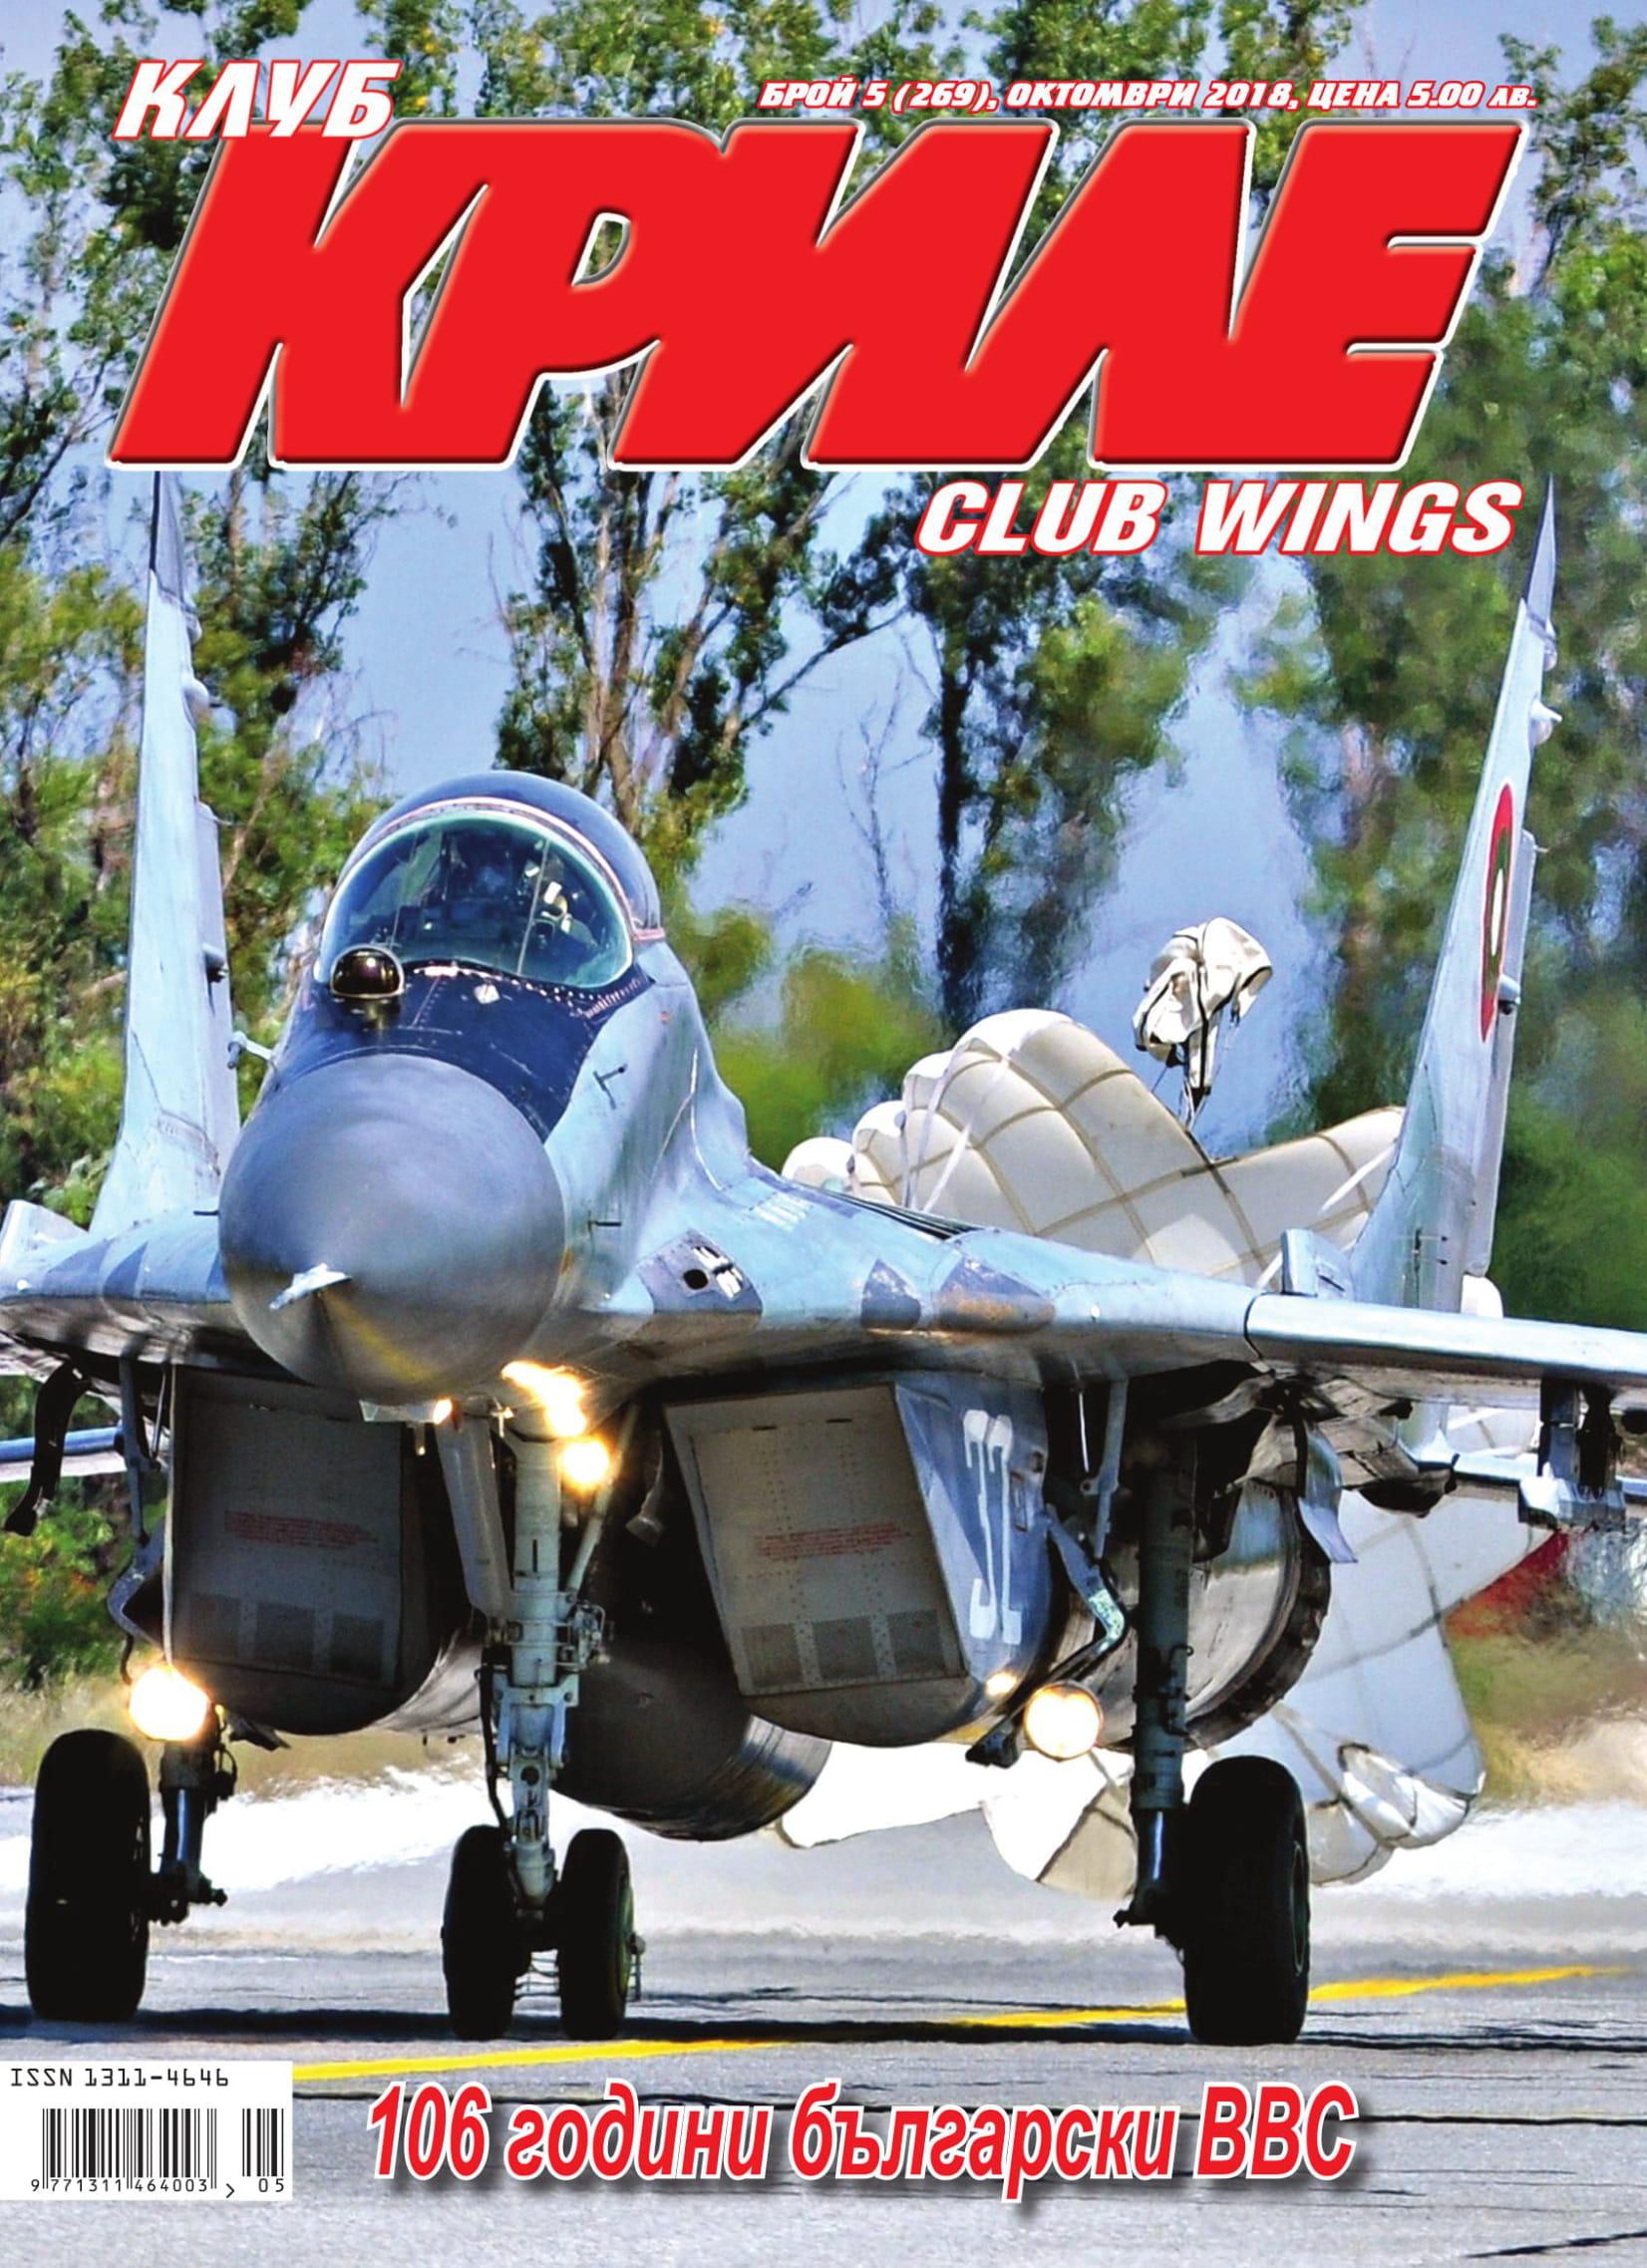 Club WIngs (Bulgaria)_CH53s HSG 64 Laupheim Air Base-1